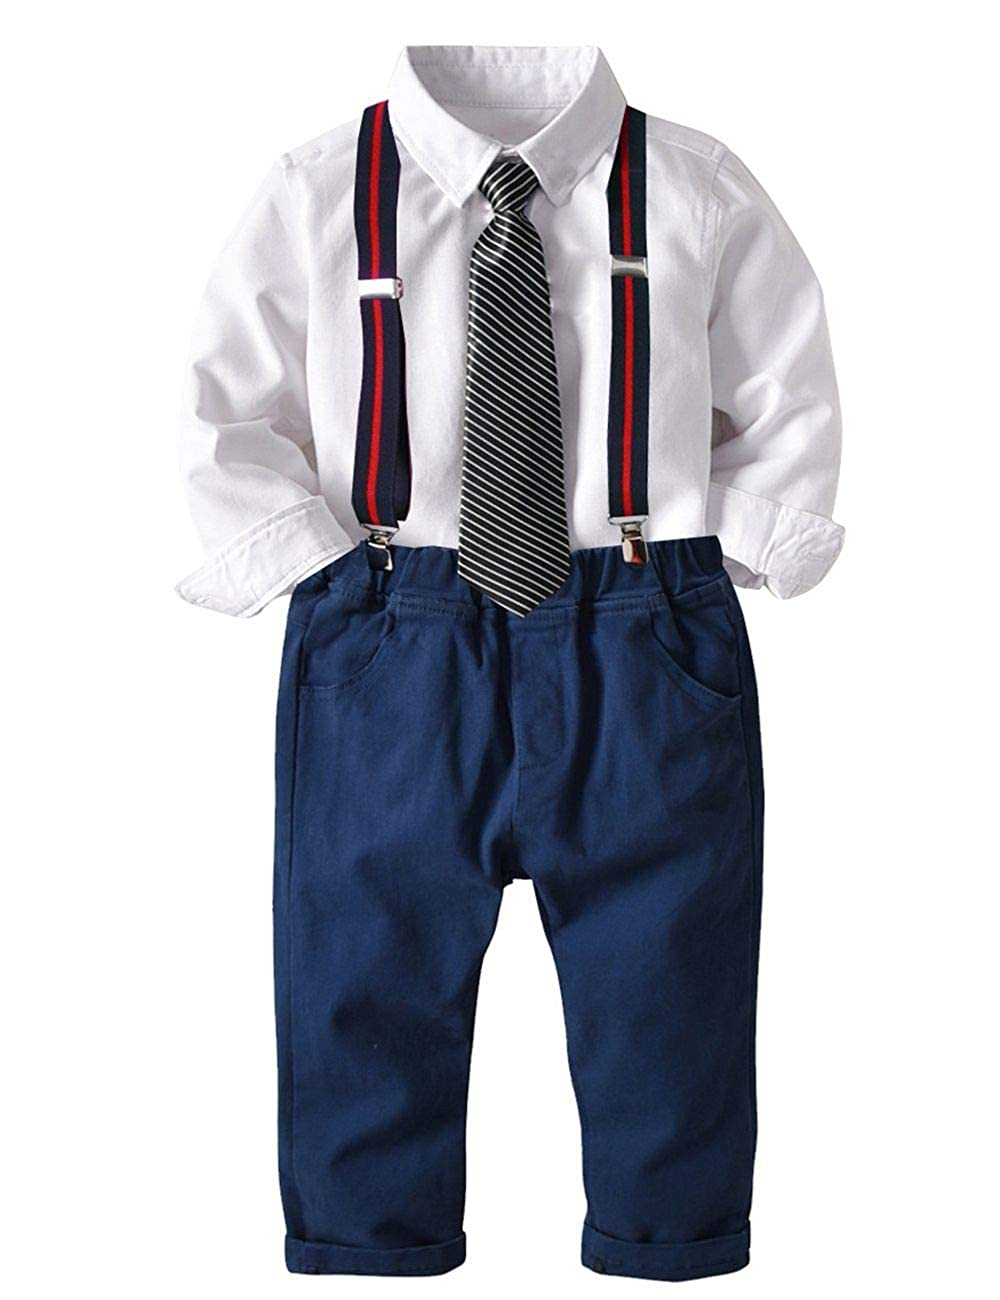 Echinodon Bekleidung Set Baby Jungen Hemd mit Fliege + Hose mit Tr/äger Babyanzug Festlich Bekleidungsset Taufe Anzug